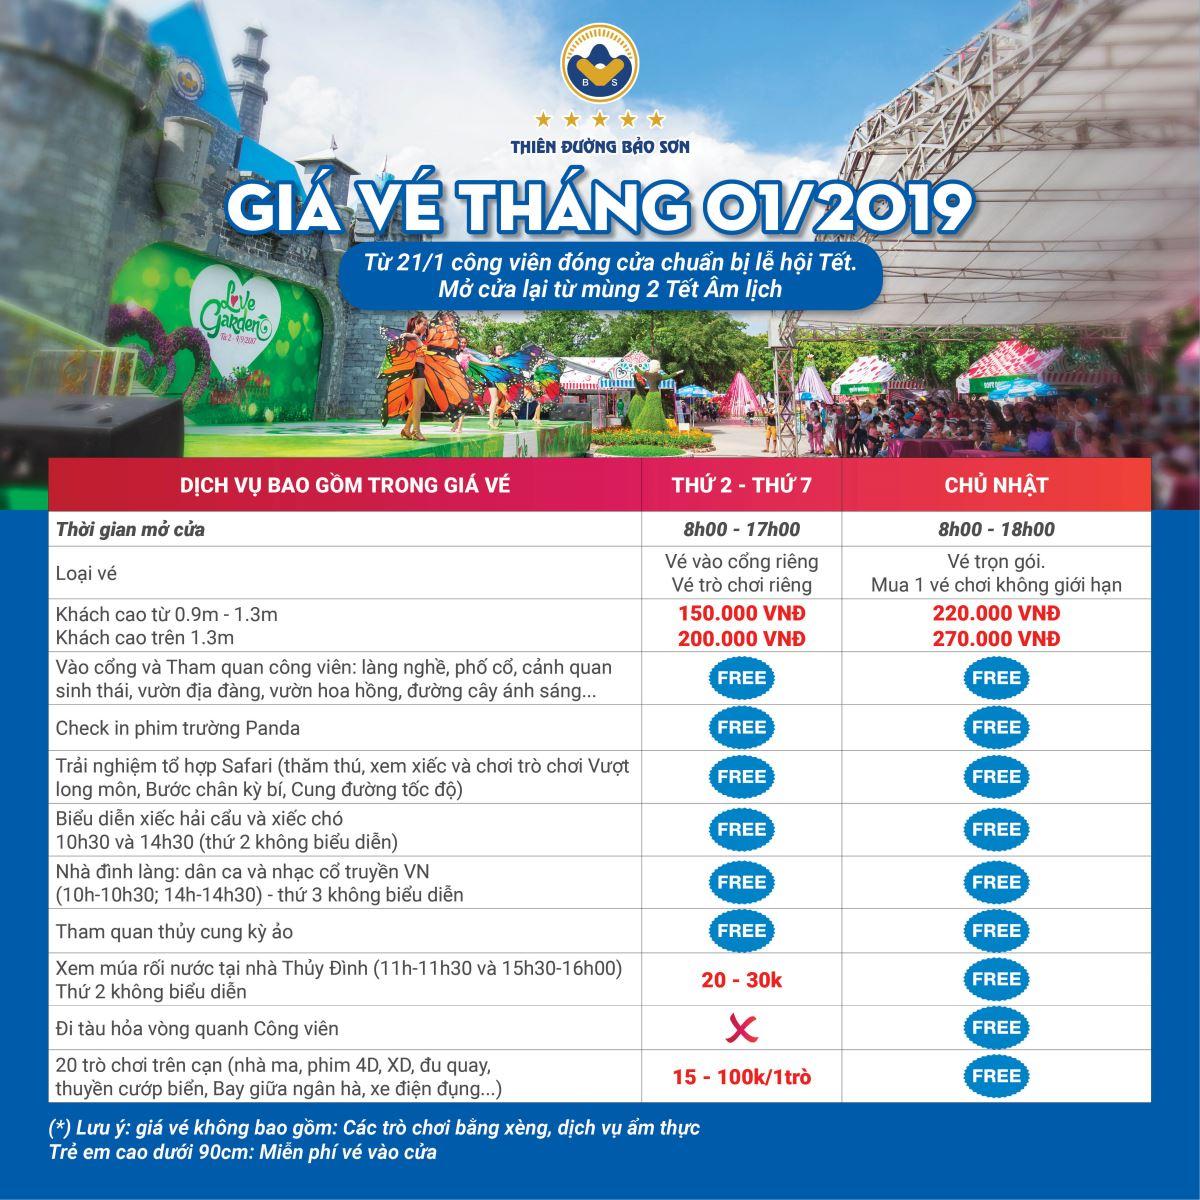 Bảng giá vé du lịch thiên đường Bảo Sơn